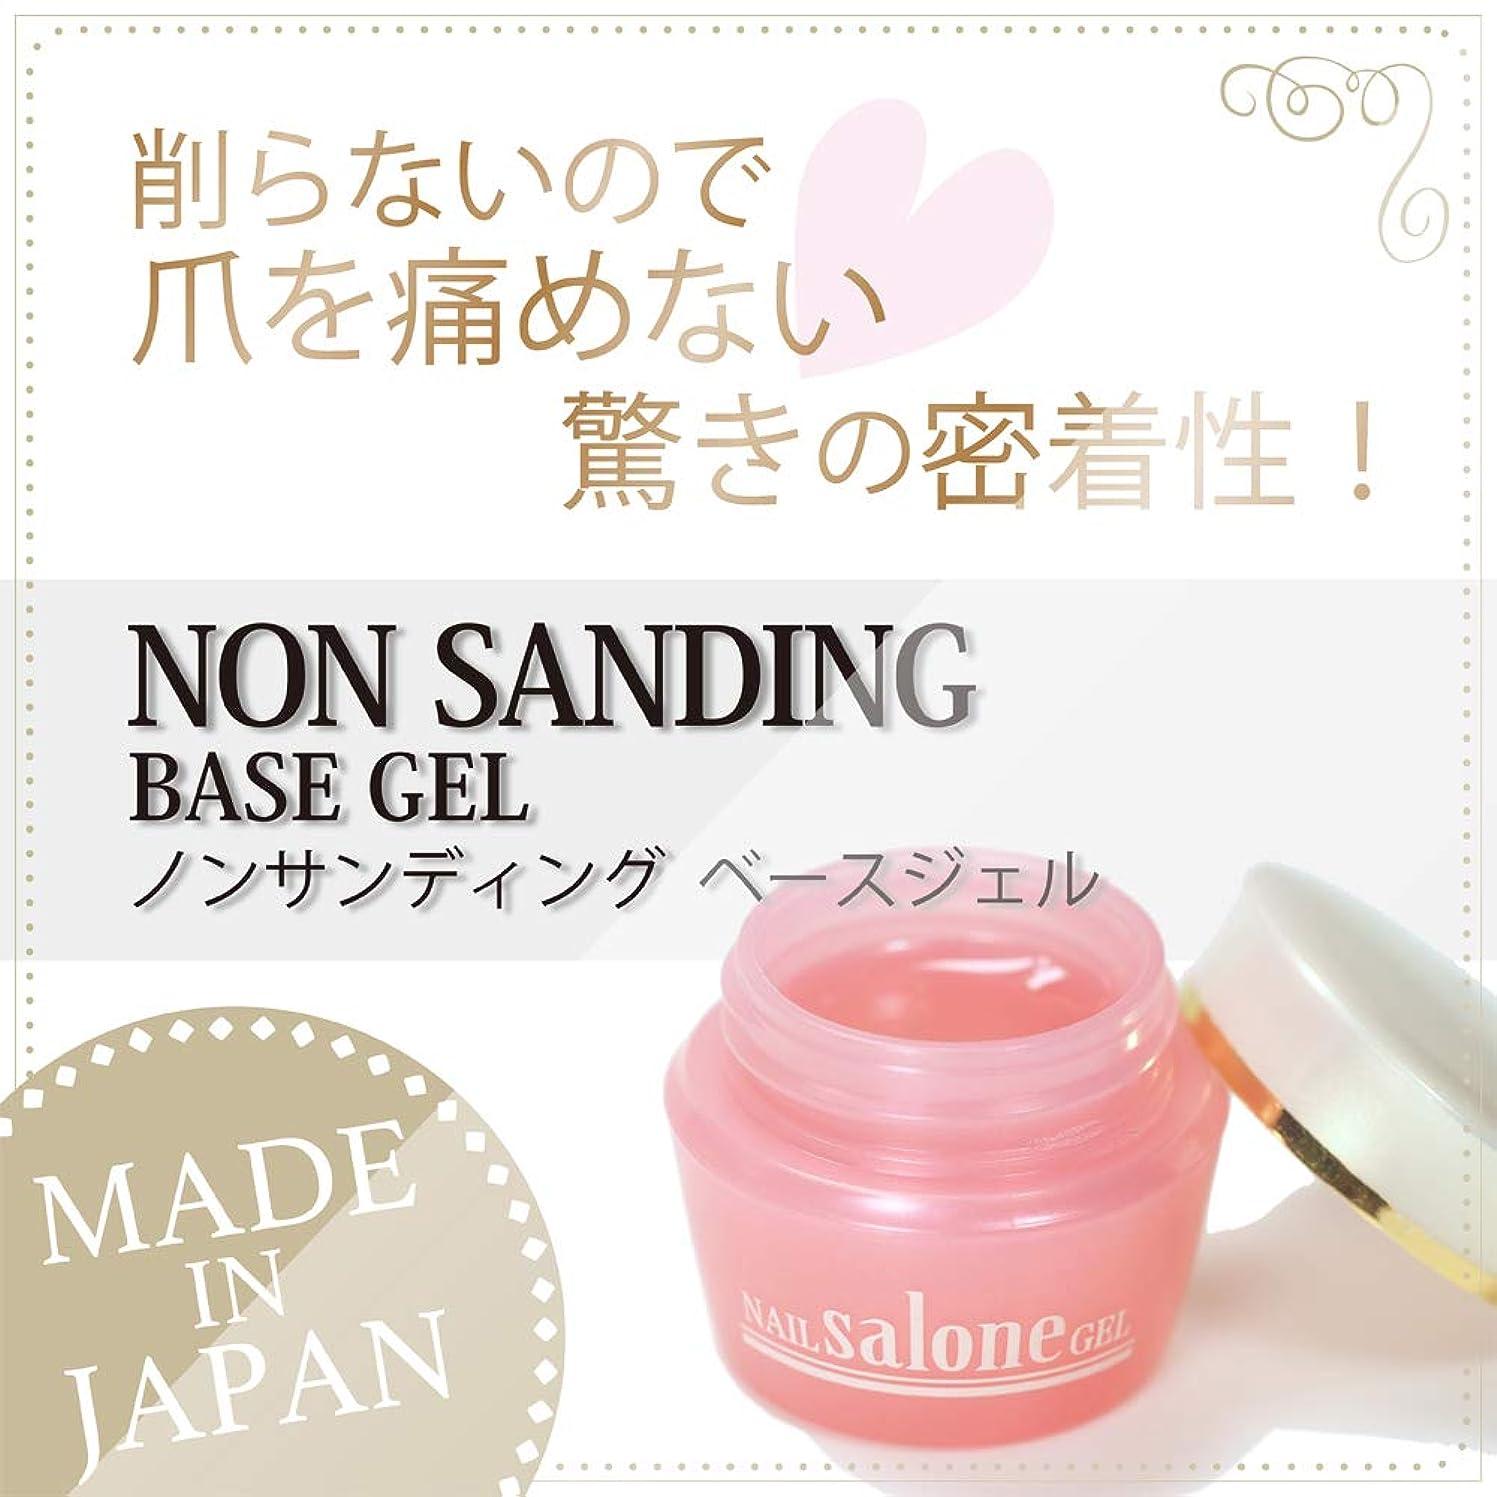 汚物大胆な確執Salone gel サローネノンサンディング ベースジェル 削らないので爪に優しい 抜群の密着力 リムーバーでオフも簡単 3g